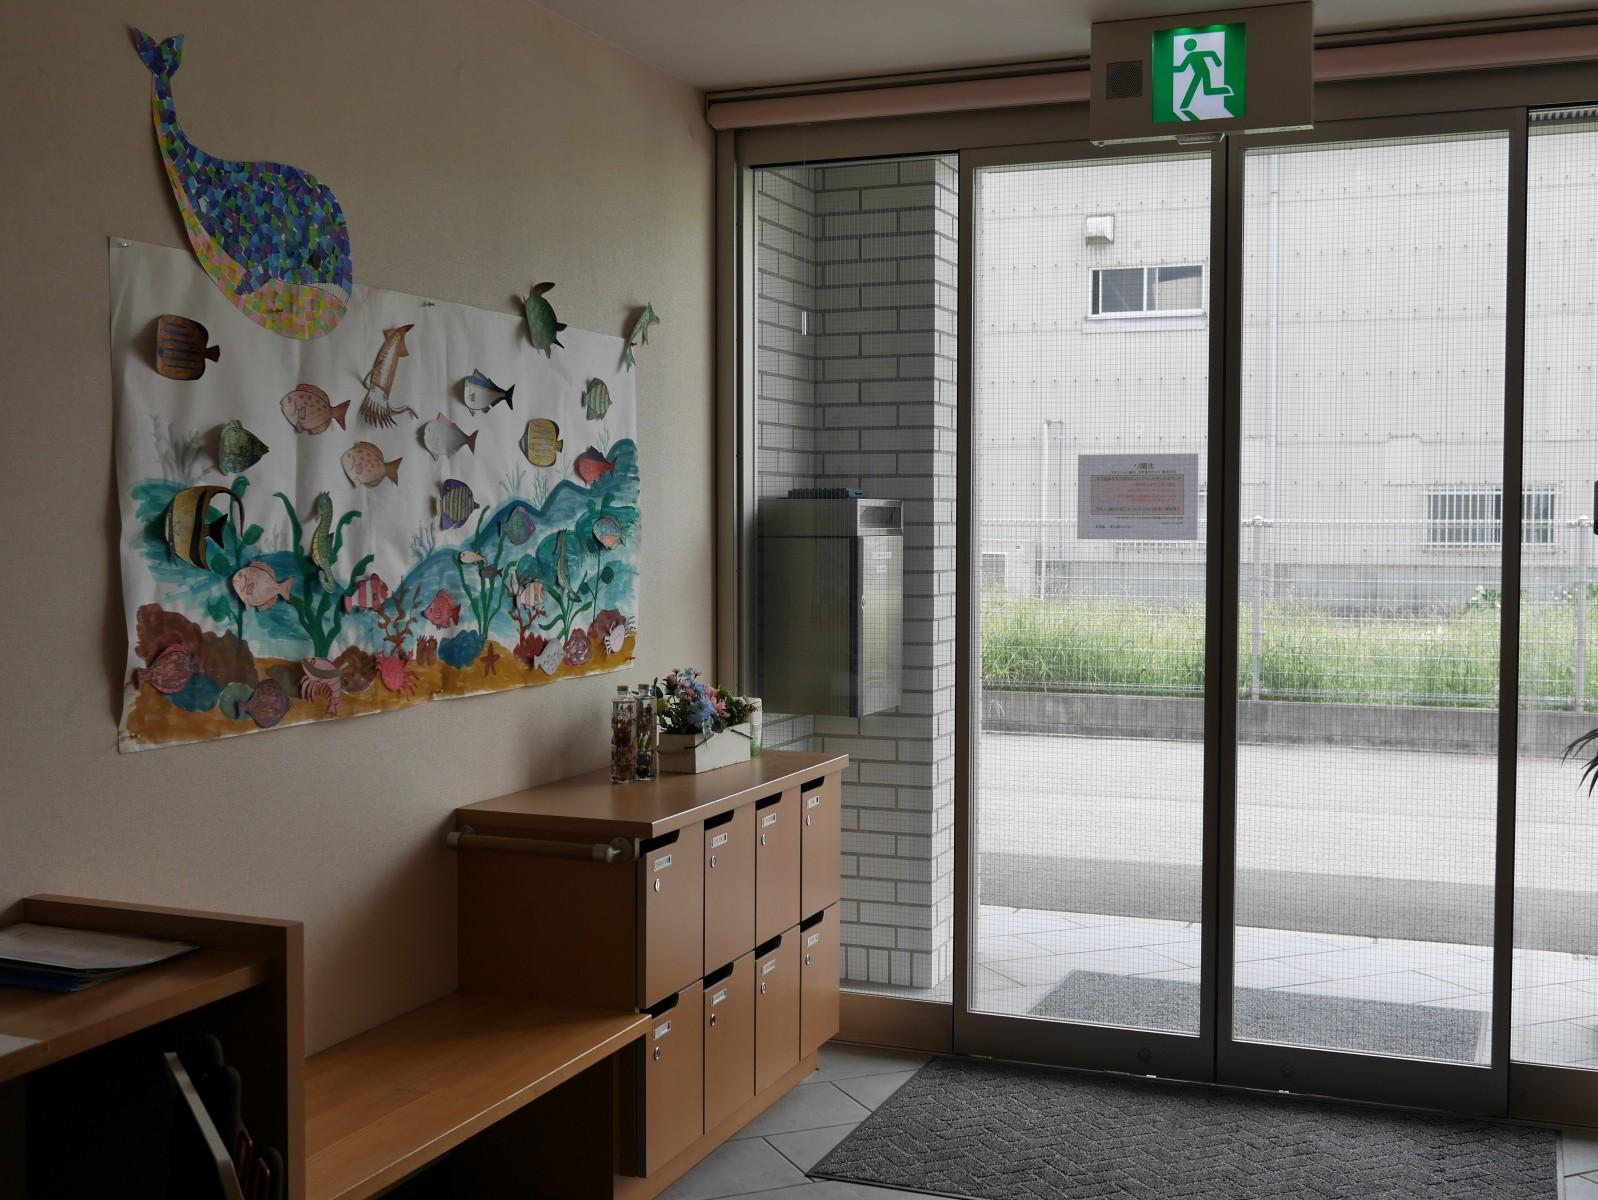 【介護職/大阪市東住吉区】 有料老人ホーム ハピネス桃の里 (正社員)の画像3